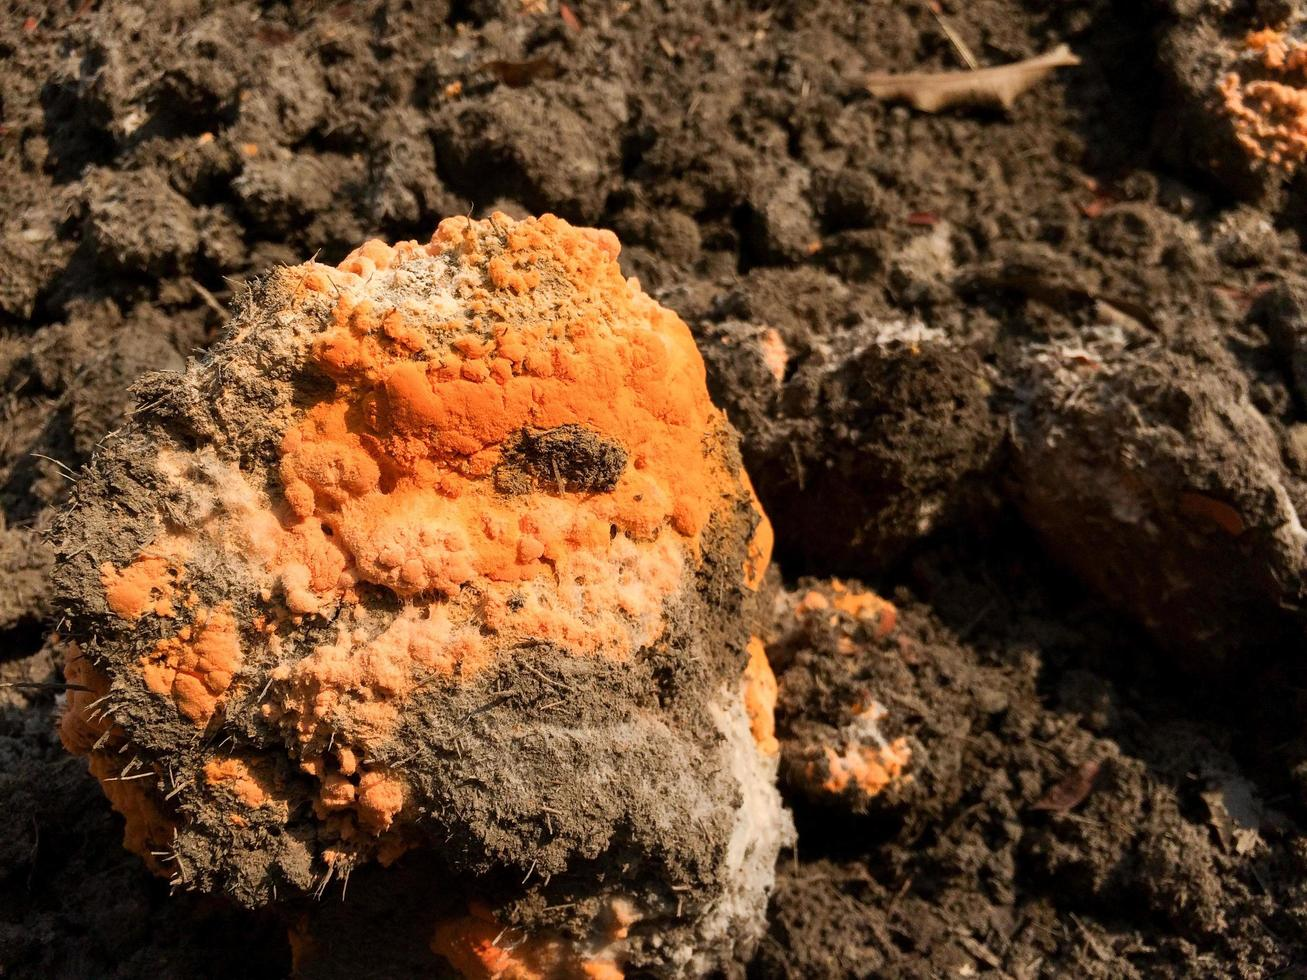 närbildssvamp eller apelsinmögel växer på en svart gödselhög och genererar humus genom jäsningsprocessen. fas av celldelning och spordistribution foto